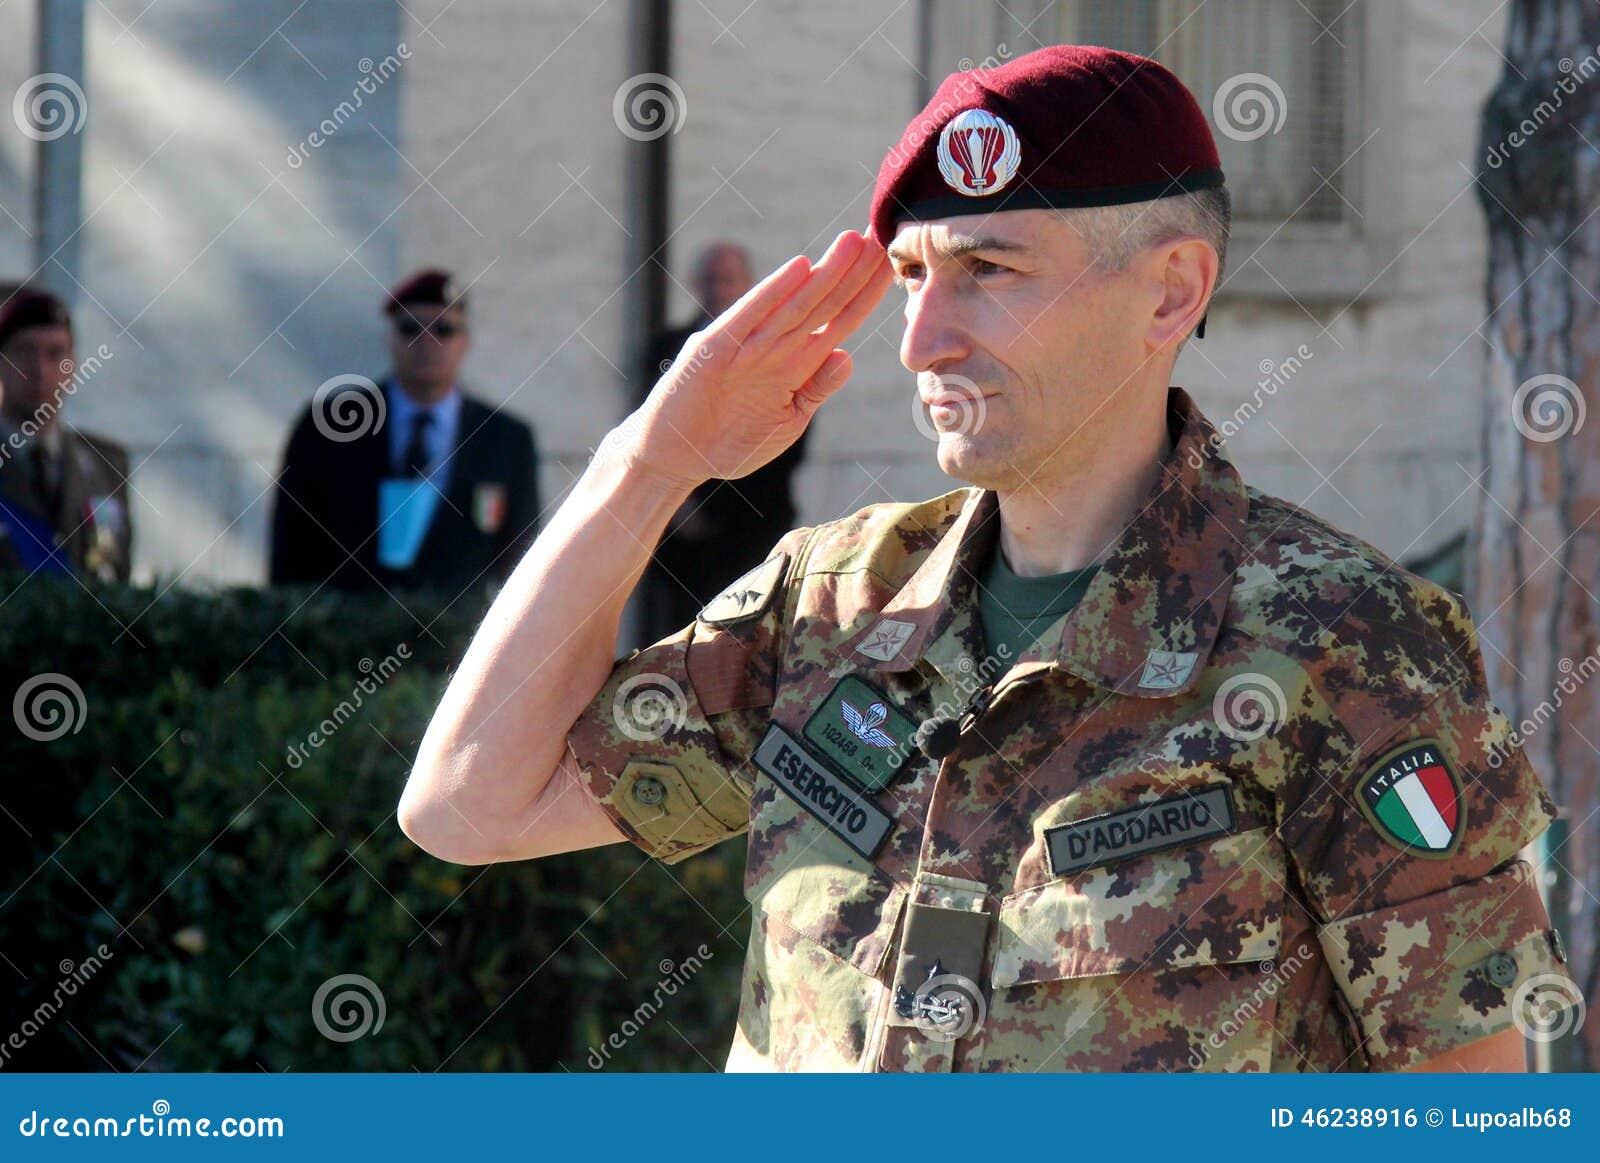 Γενικός διοικητής του Lorenzo D addario της ταξιαρχίας αλεξίπτωτων folgore